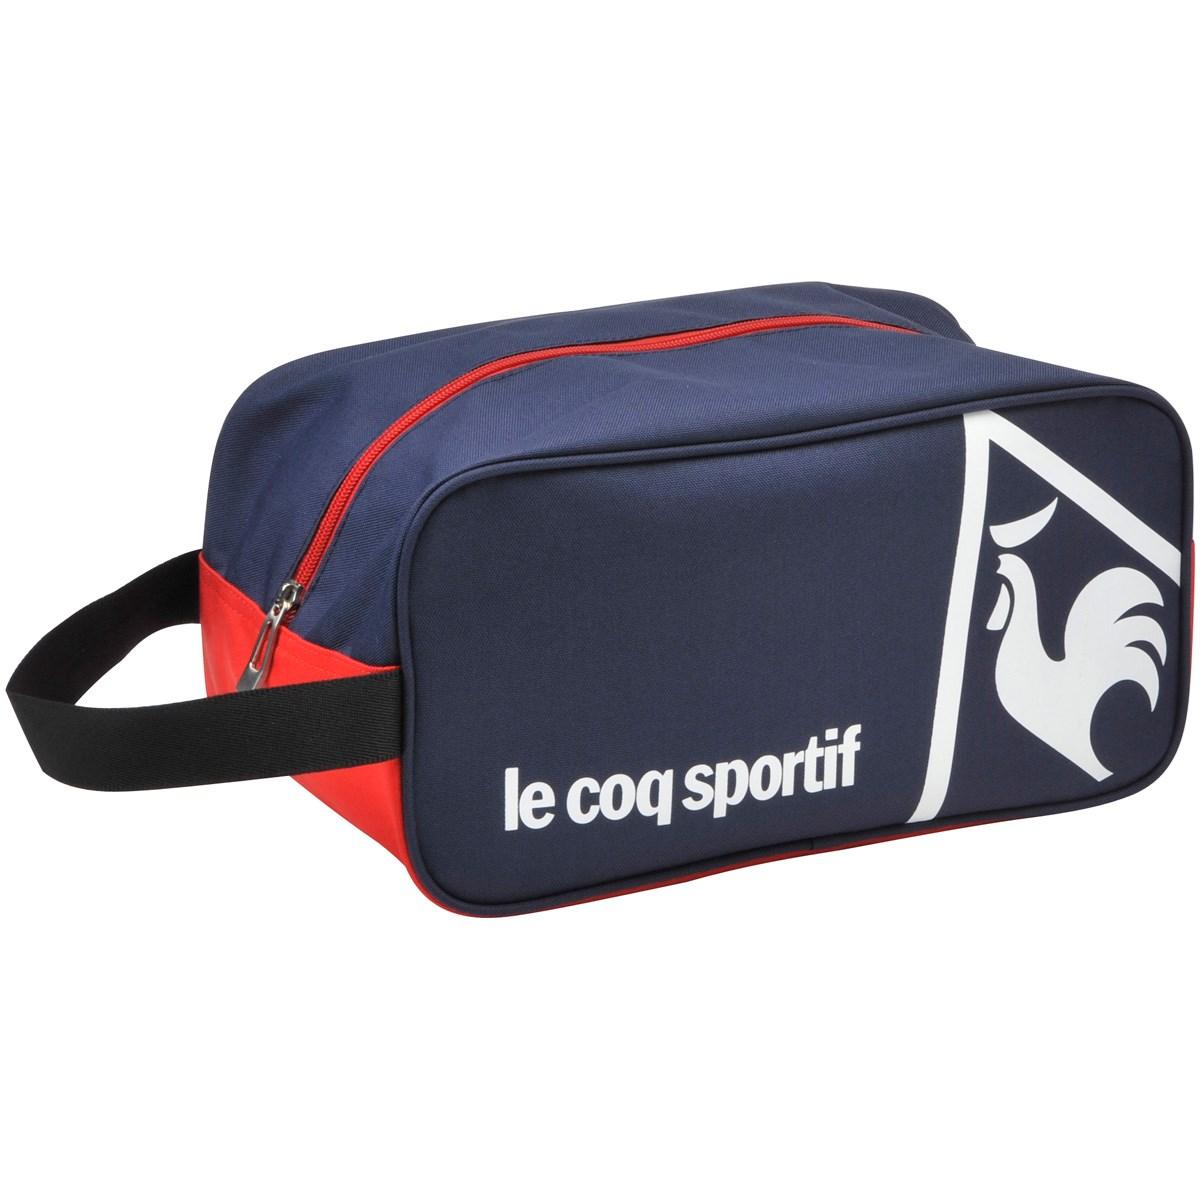 ルコックゴルフ Le coq sportif GOLF シューズケース ネイビー